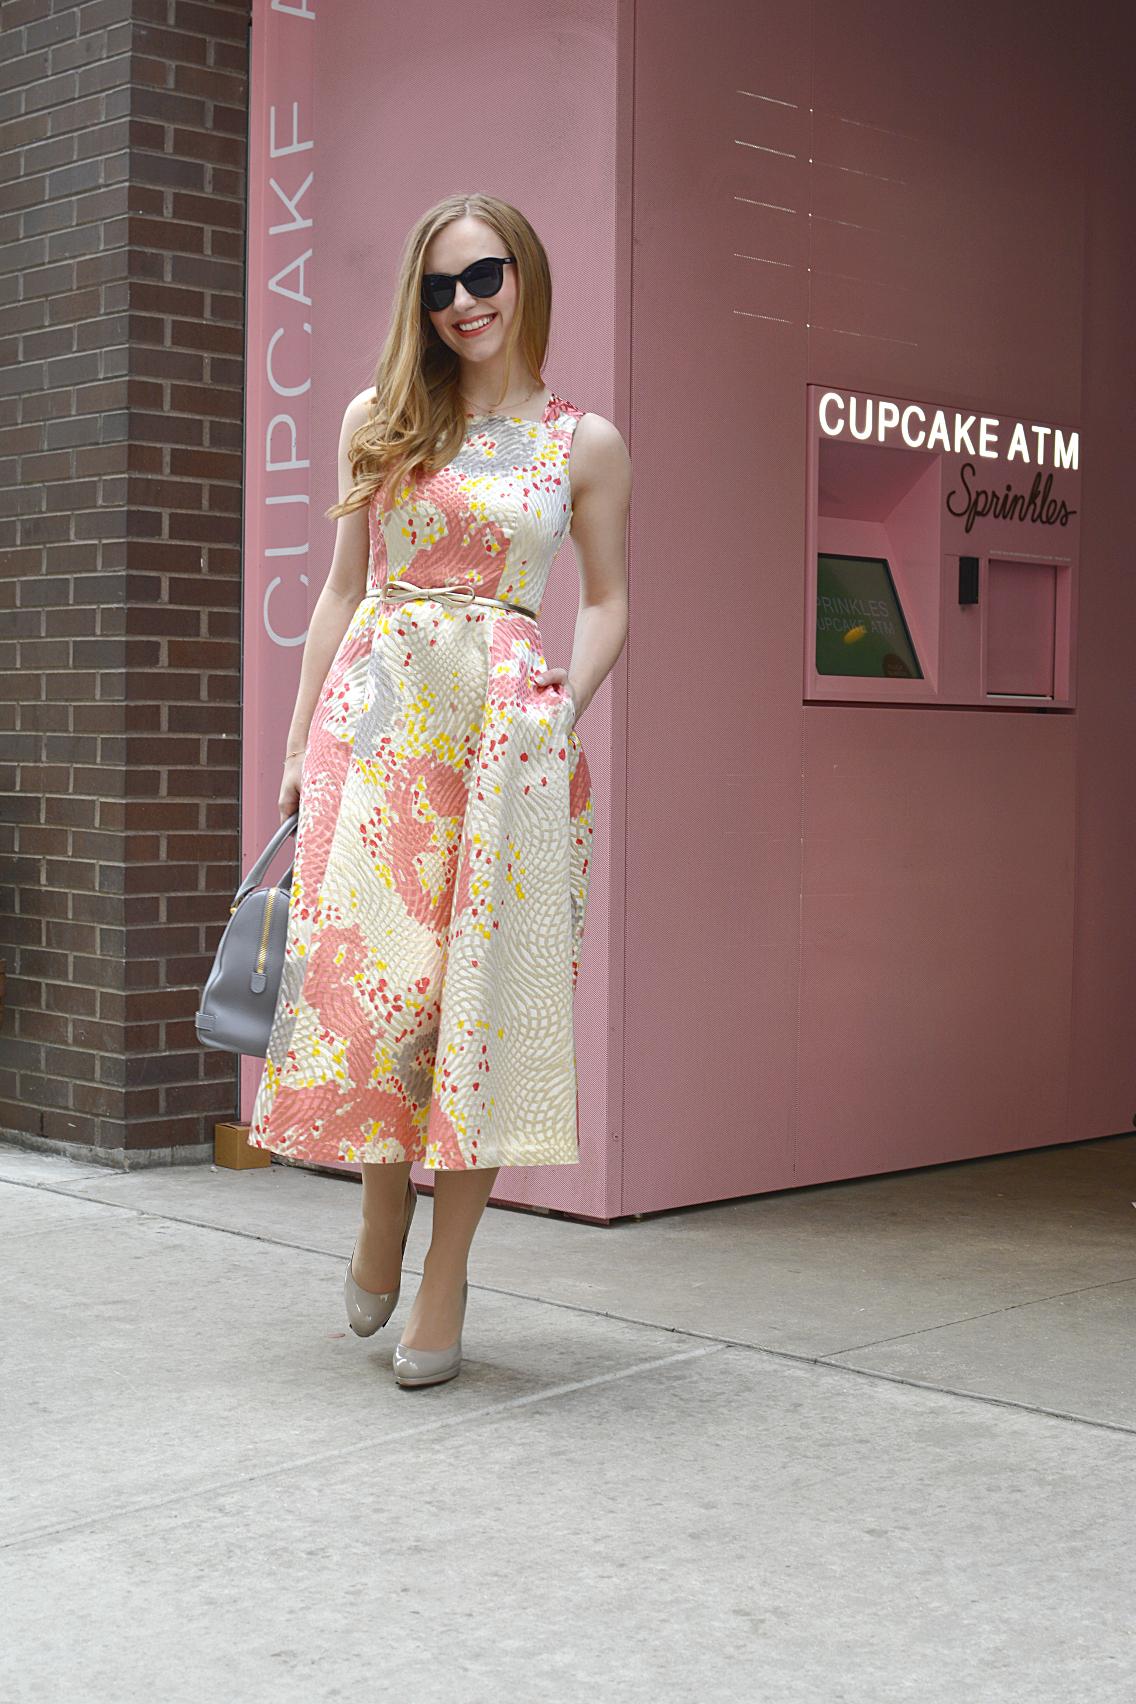 LK Bennett Chicago Gardo Jacquard Dress Sprinkles Cupcakes 2